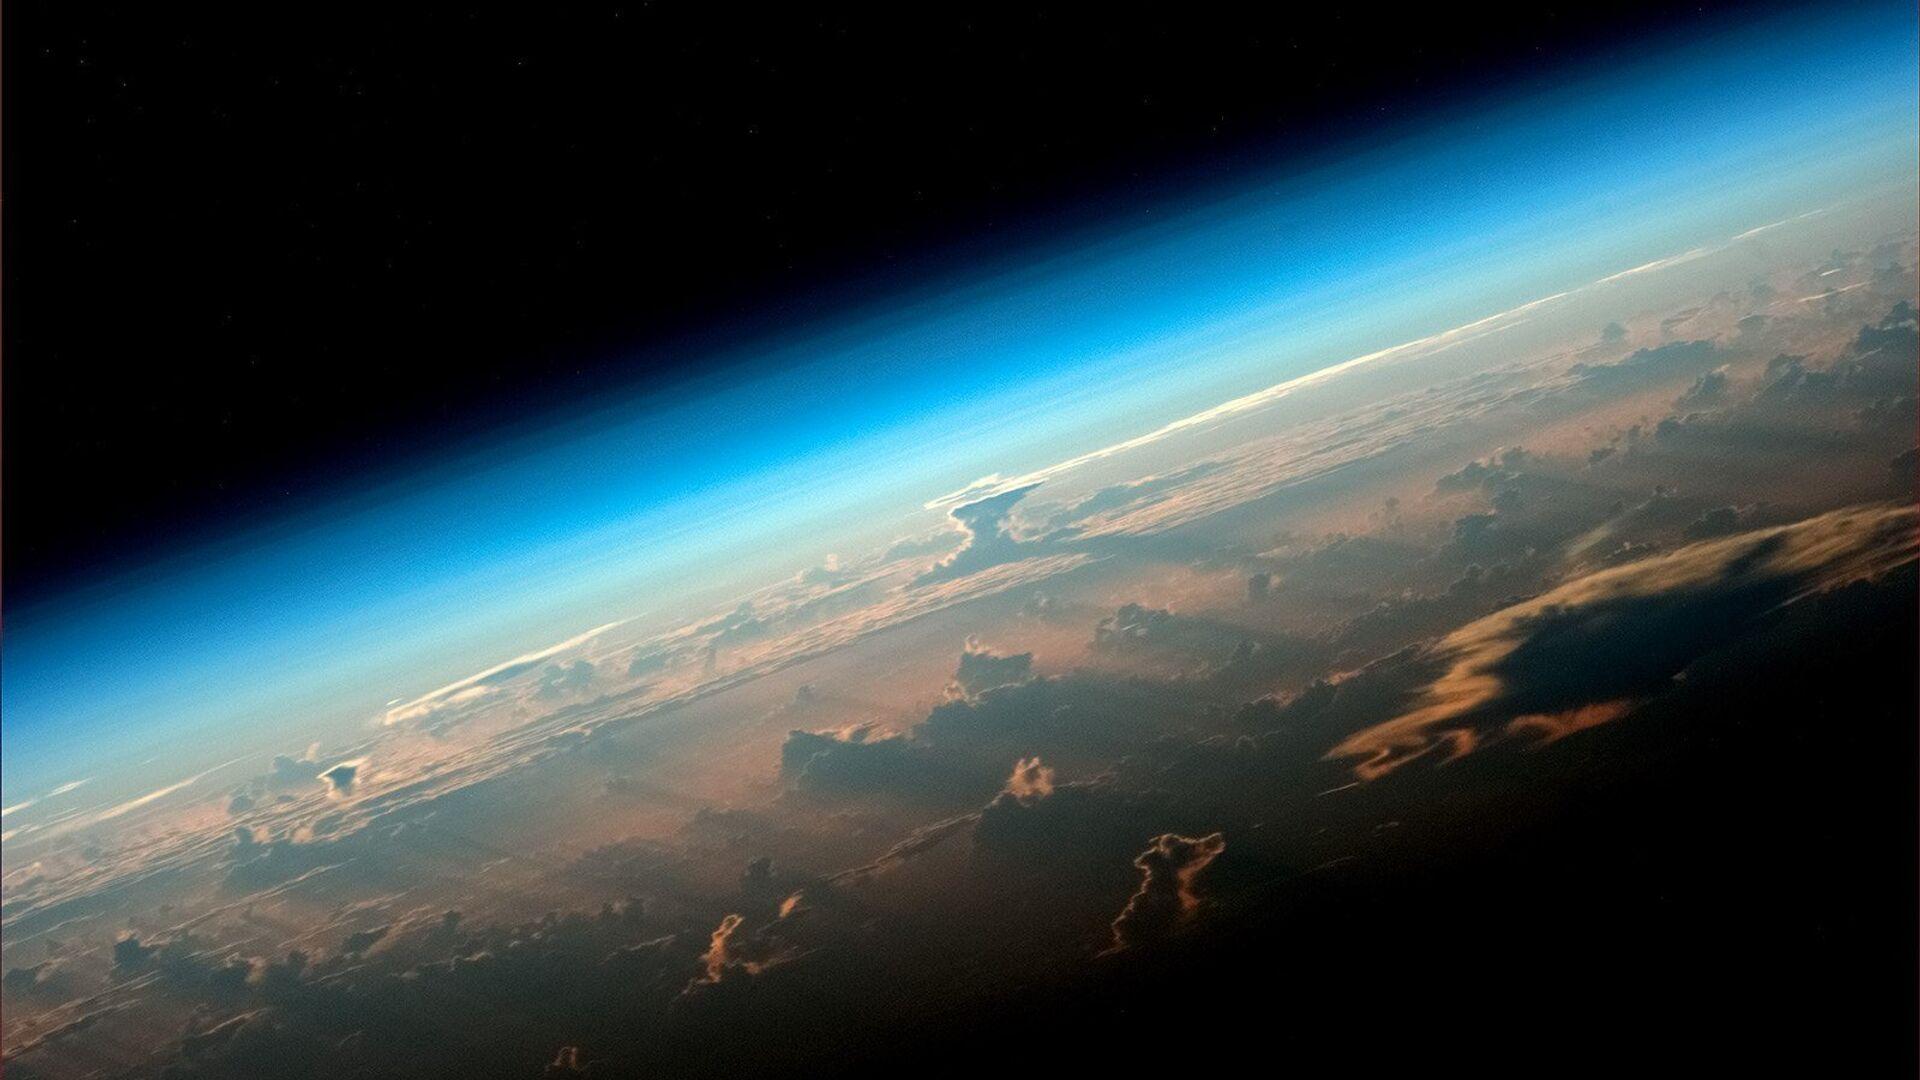 Вид на Землю с борта МКС снятый космонавтом Роскосмоса Олегом Артемьевым - РИА Новости, 1920, 01.03.2021